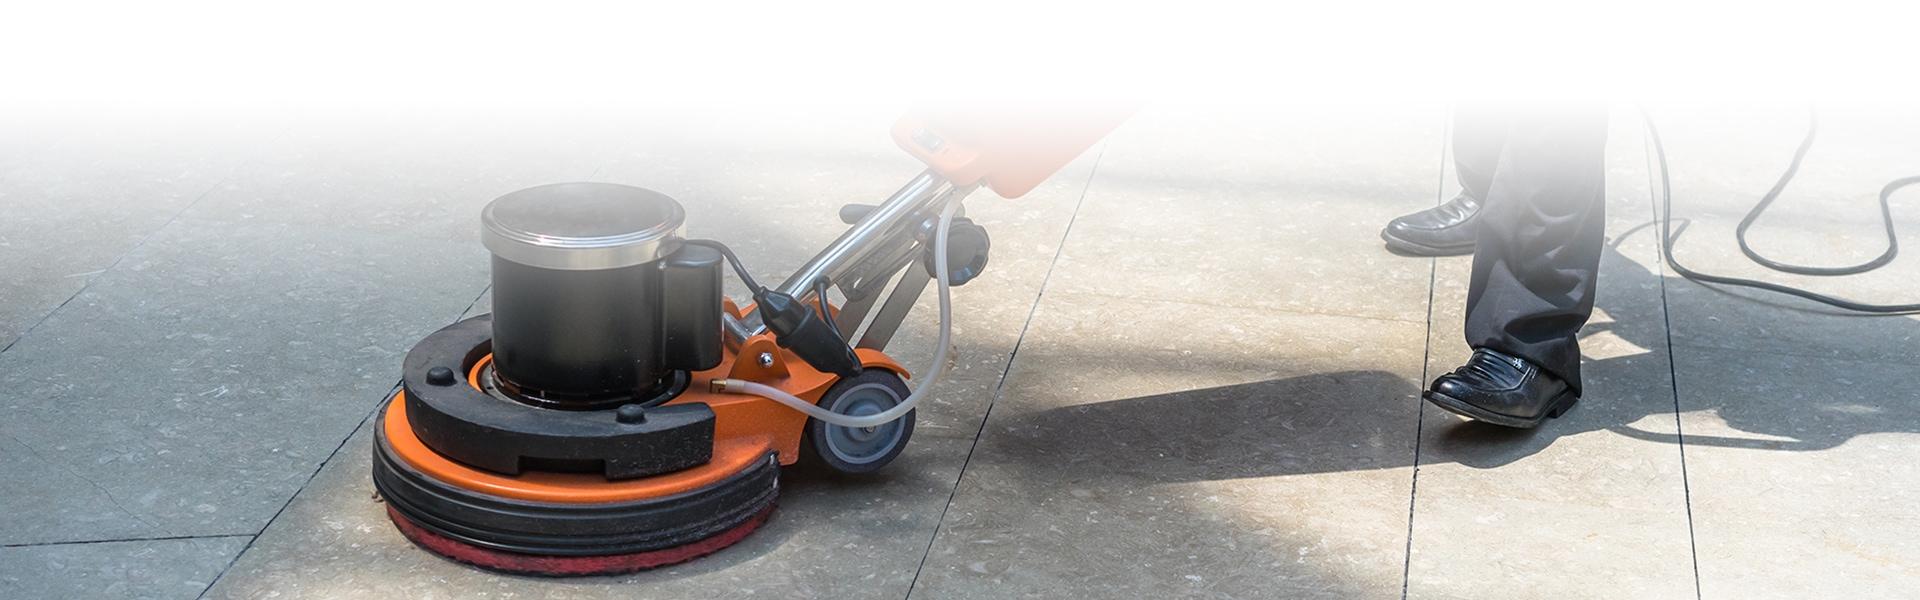 Mann reinigt den Boden mit Maschine